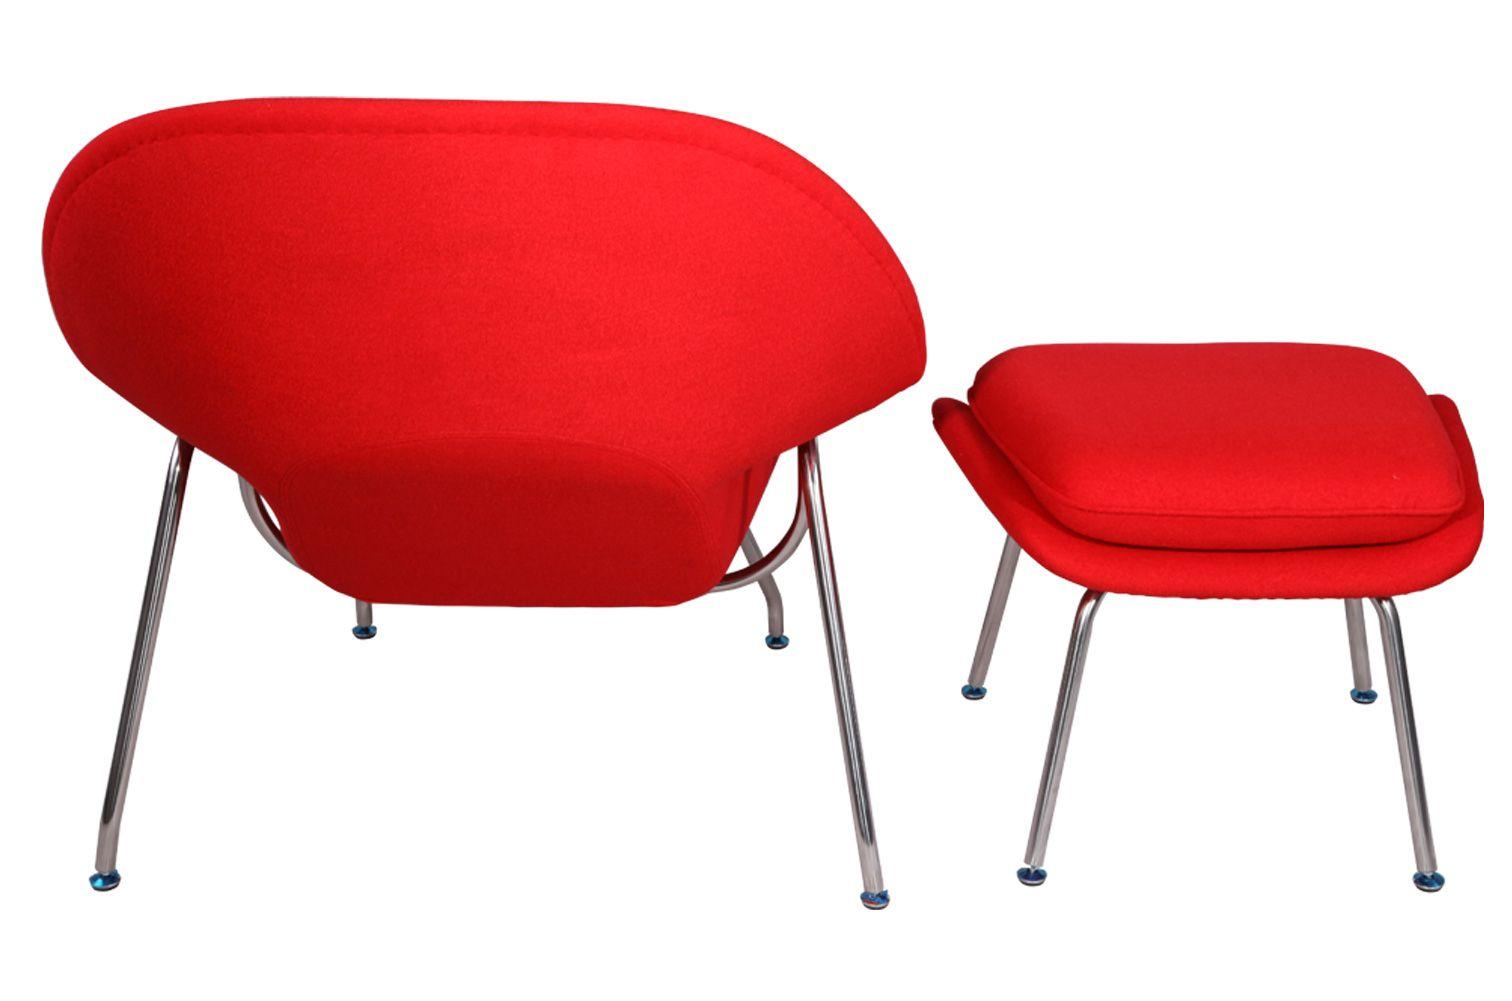 Mlf eero saarinen womb chair ottoman womb chair chair